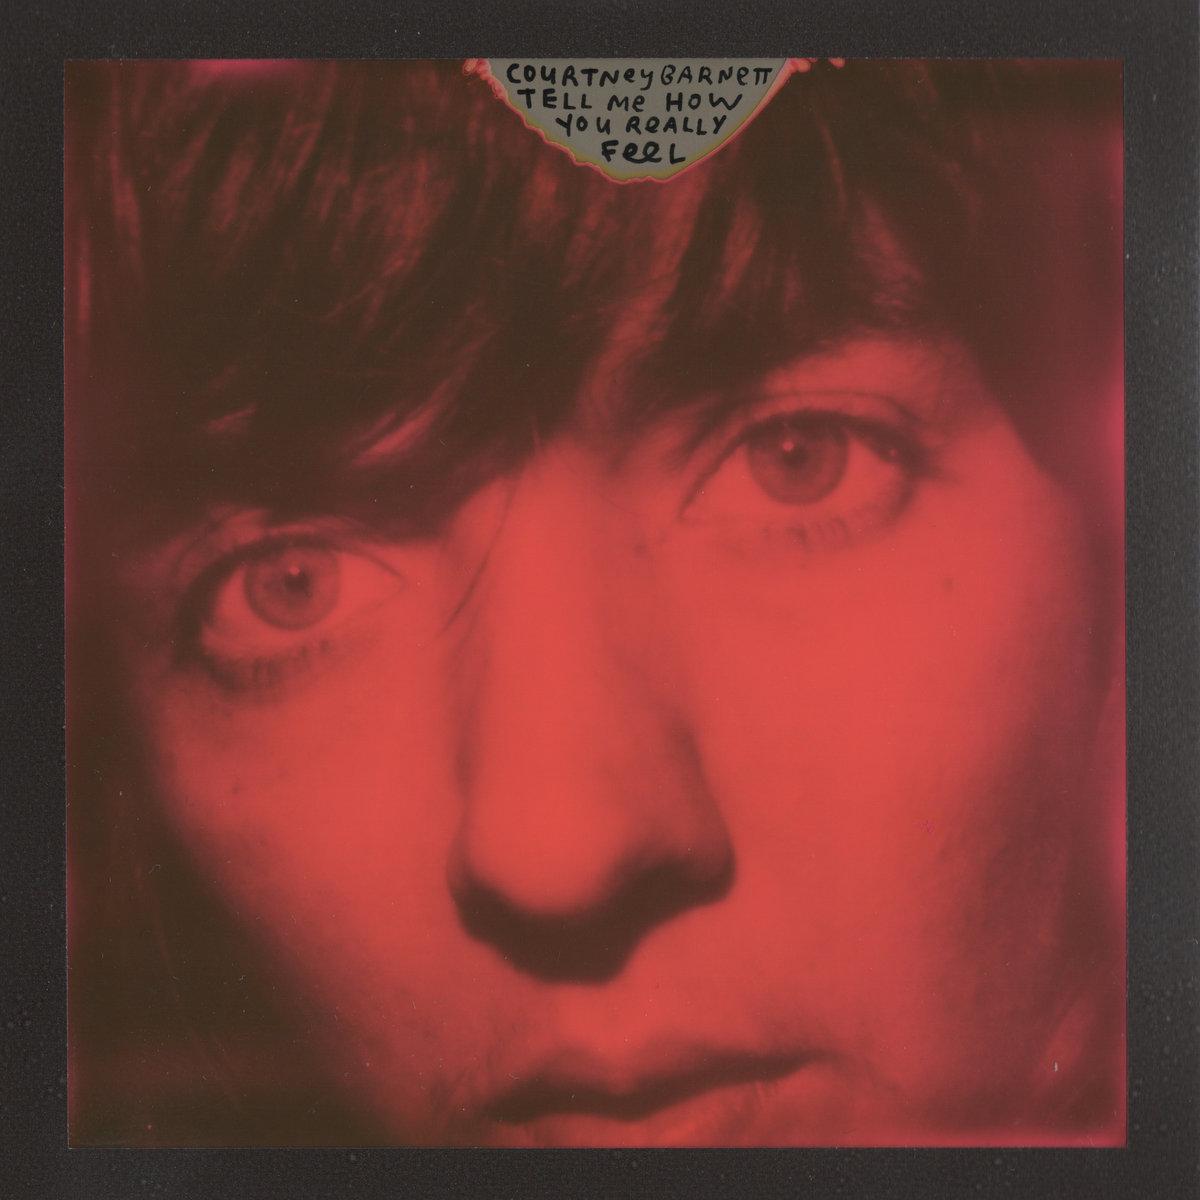 Gli album usciti a maggio che ci sono piaciuti, Courtney Barnett | Collater.al